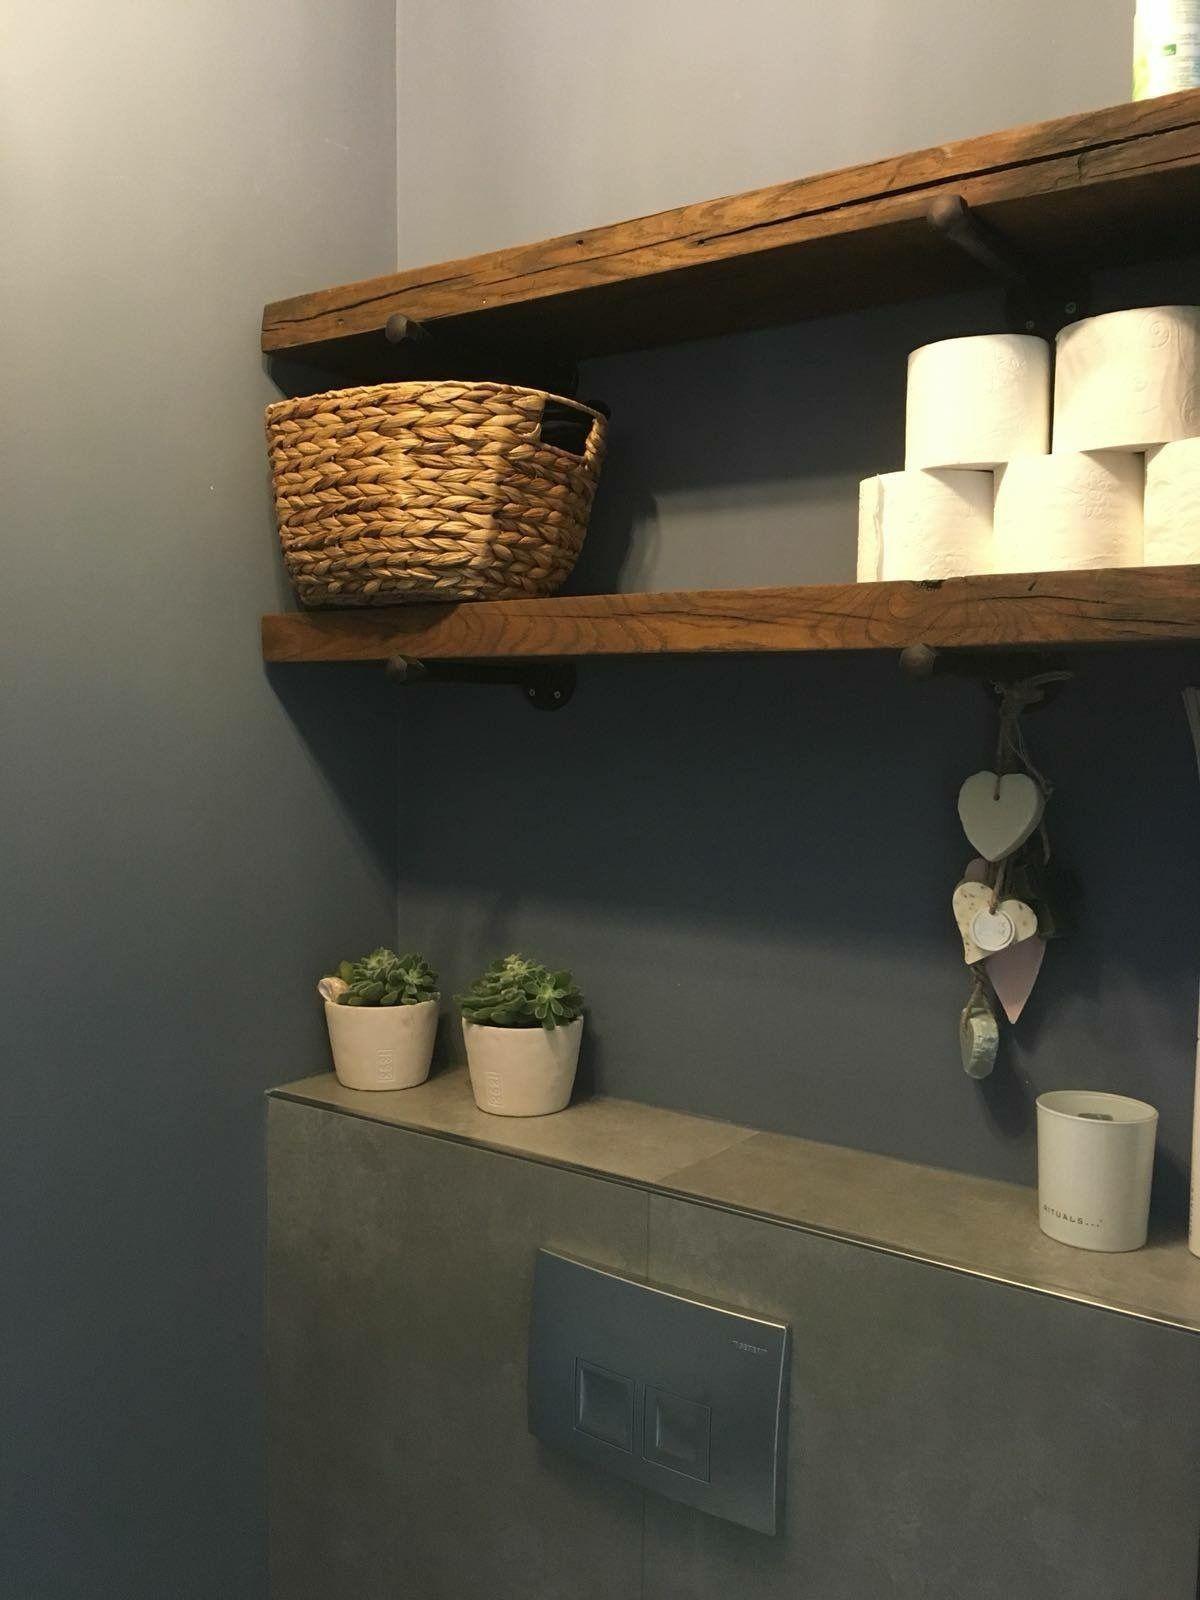 Planken in de WC als opbergruimte voor WC rollen en overig #downstairsloo